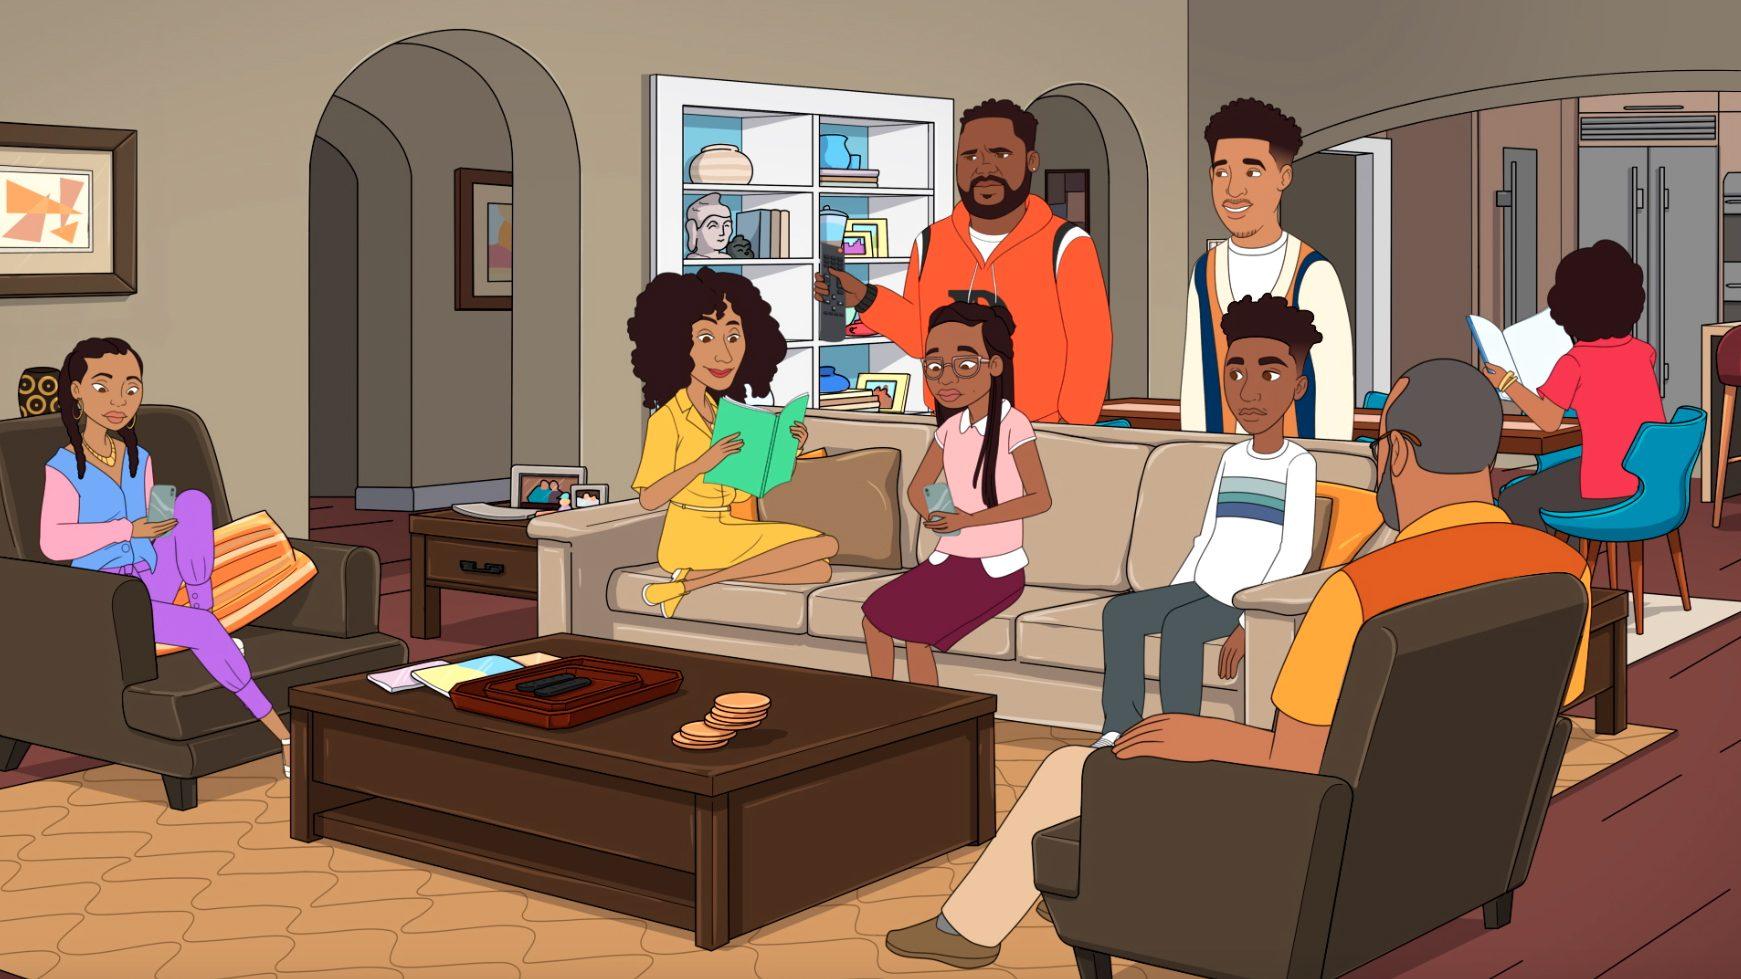 Blackish season 2 download for mobile